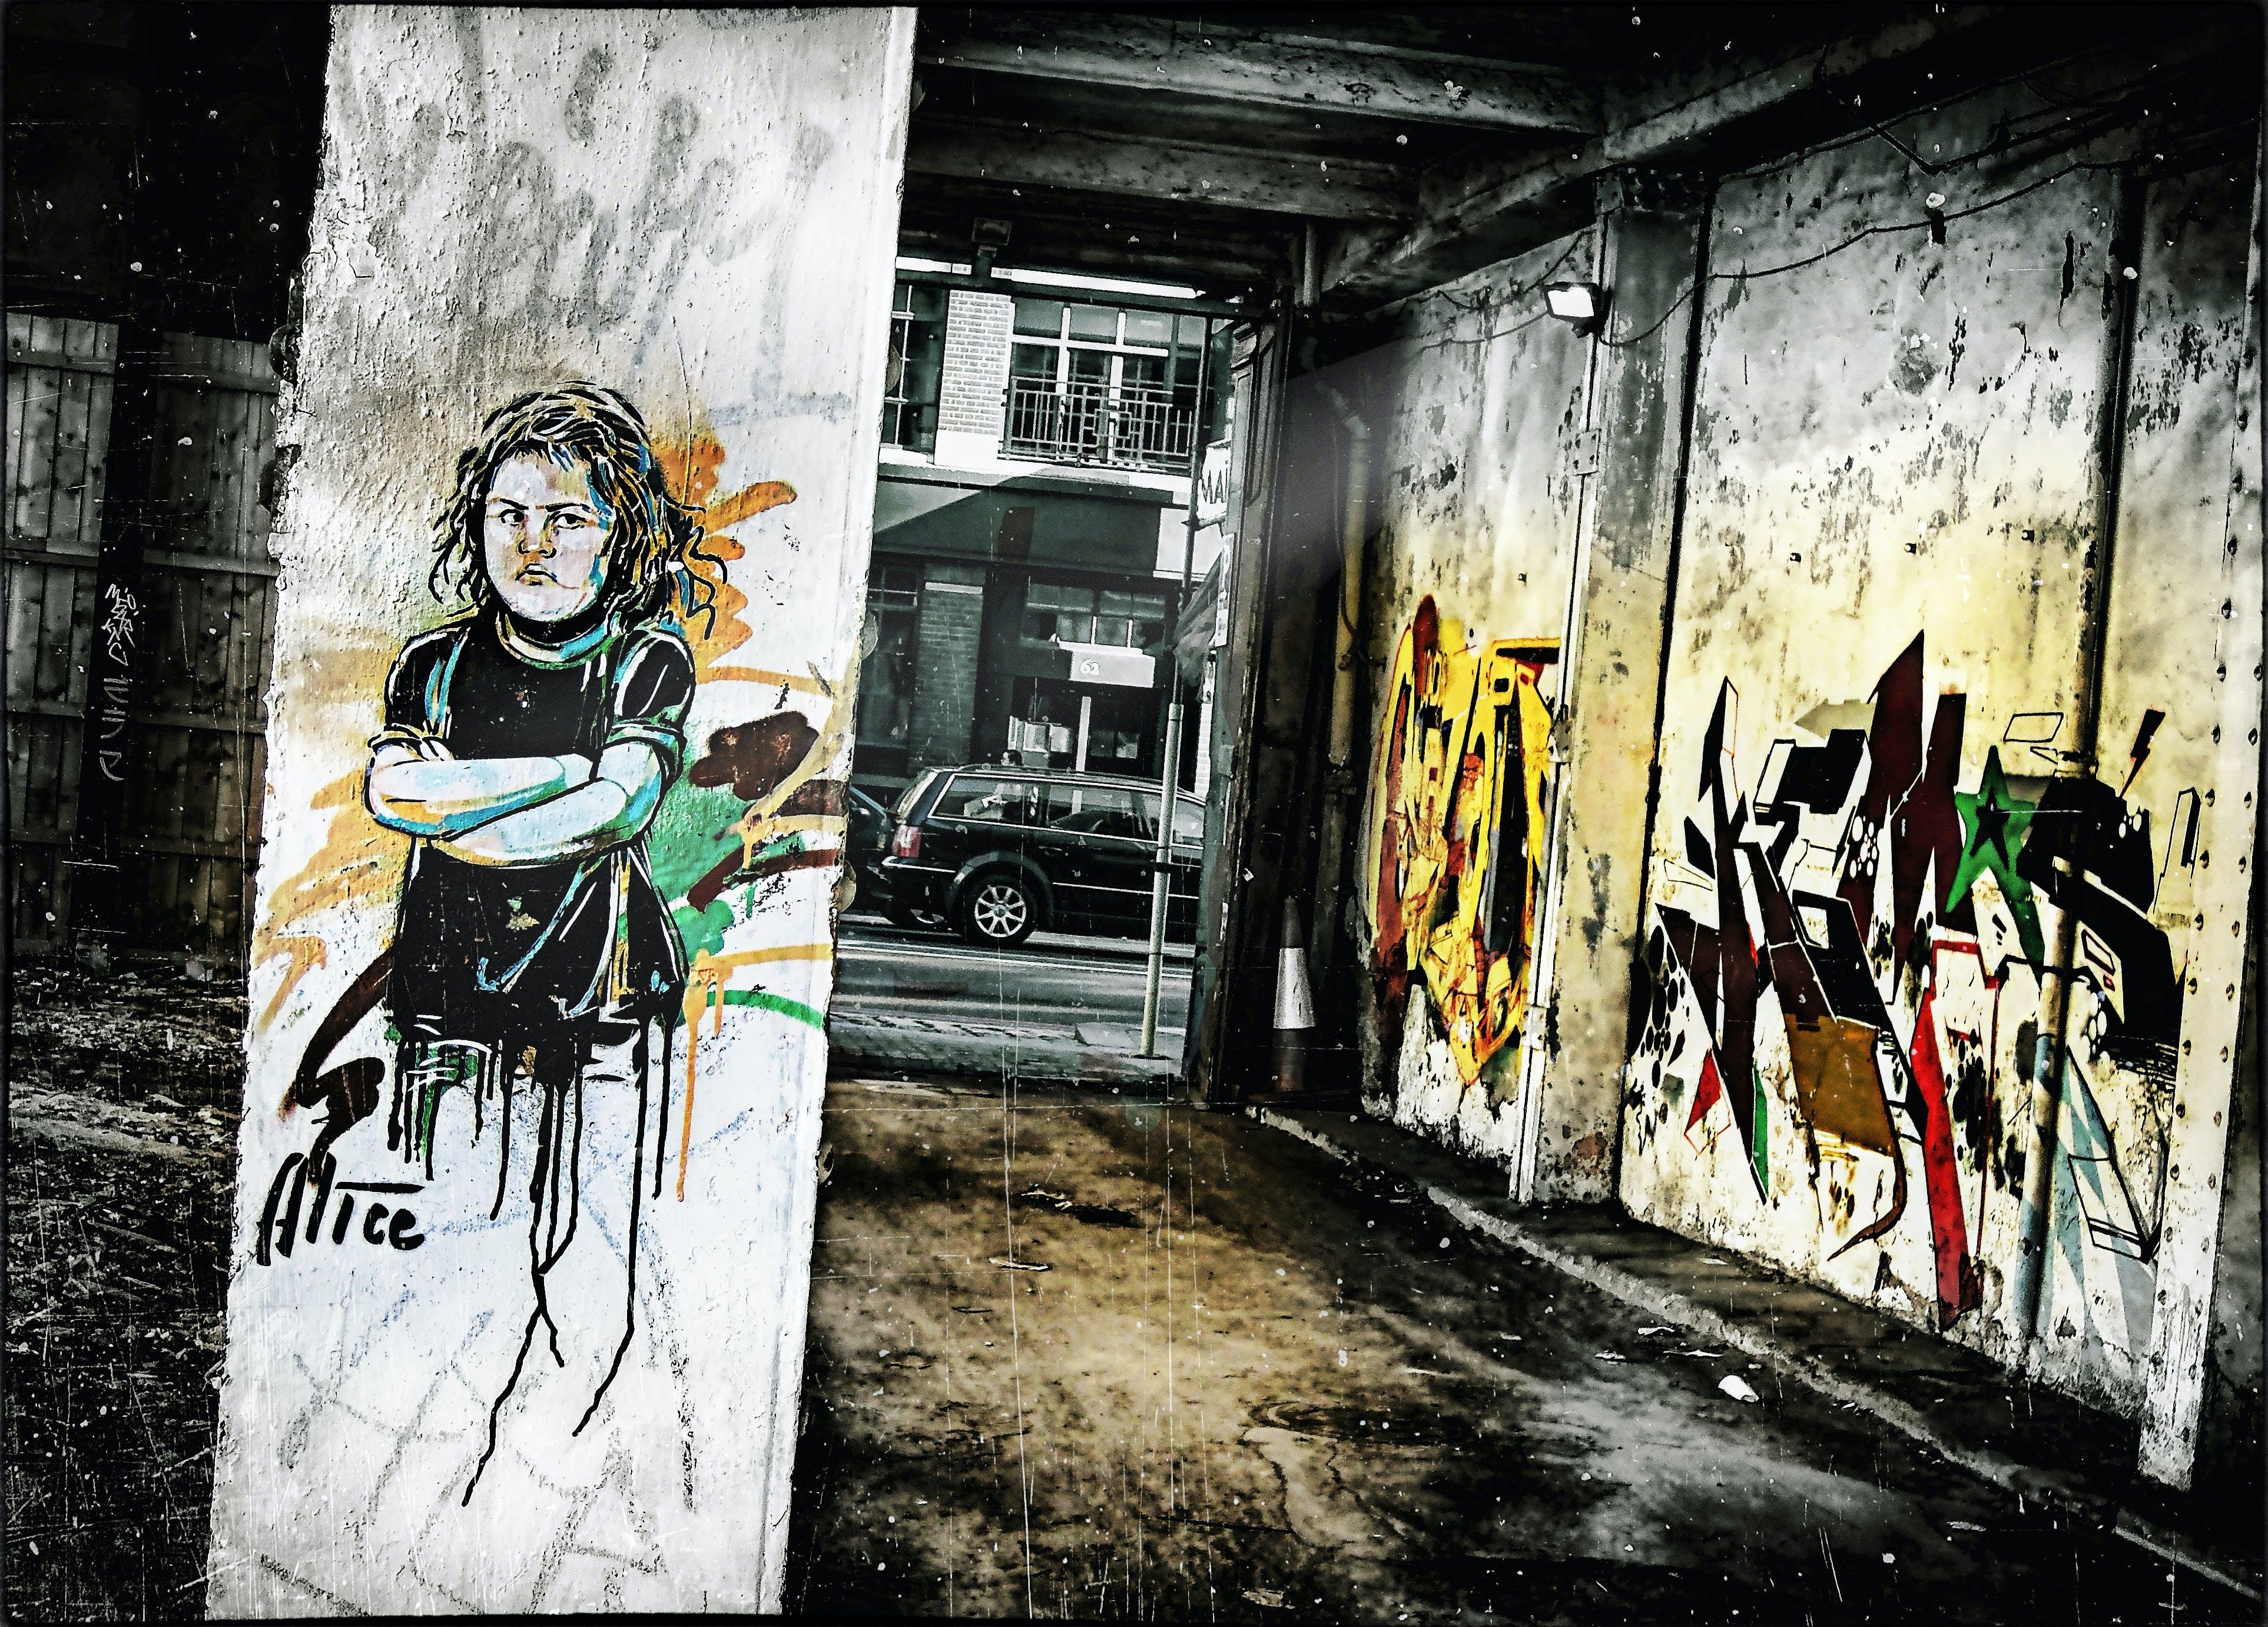 Δωρεάν στοκ φωτογραφιών με street art, ανατολικό λονδίνο, αστικός, τείχος